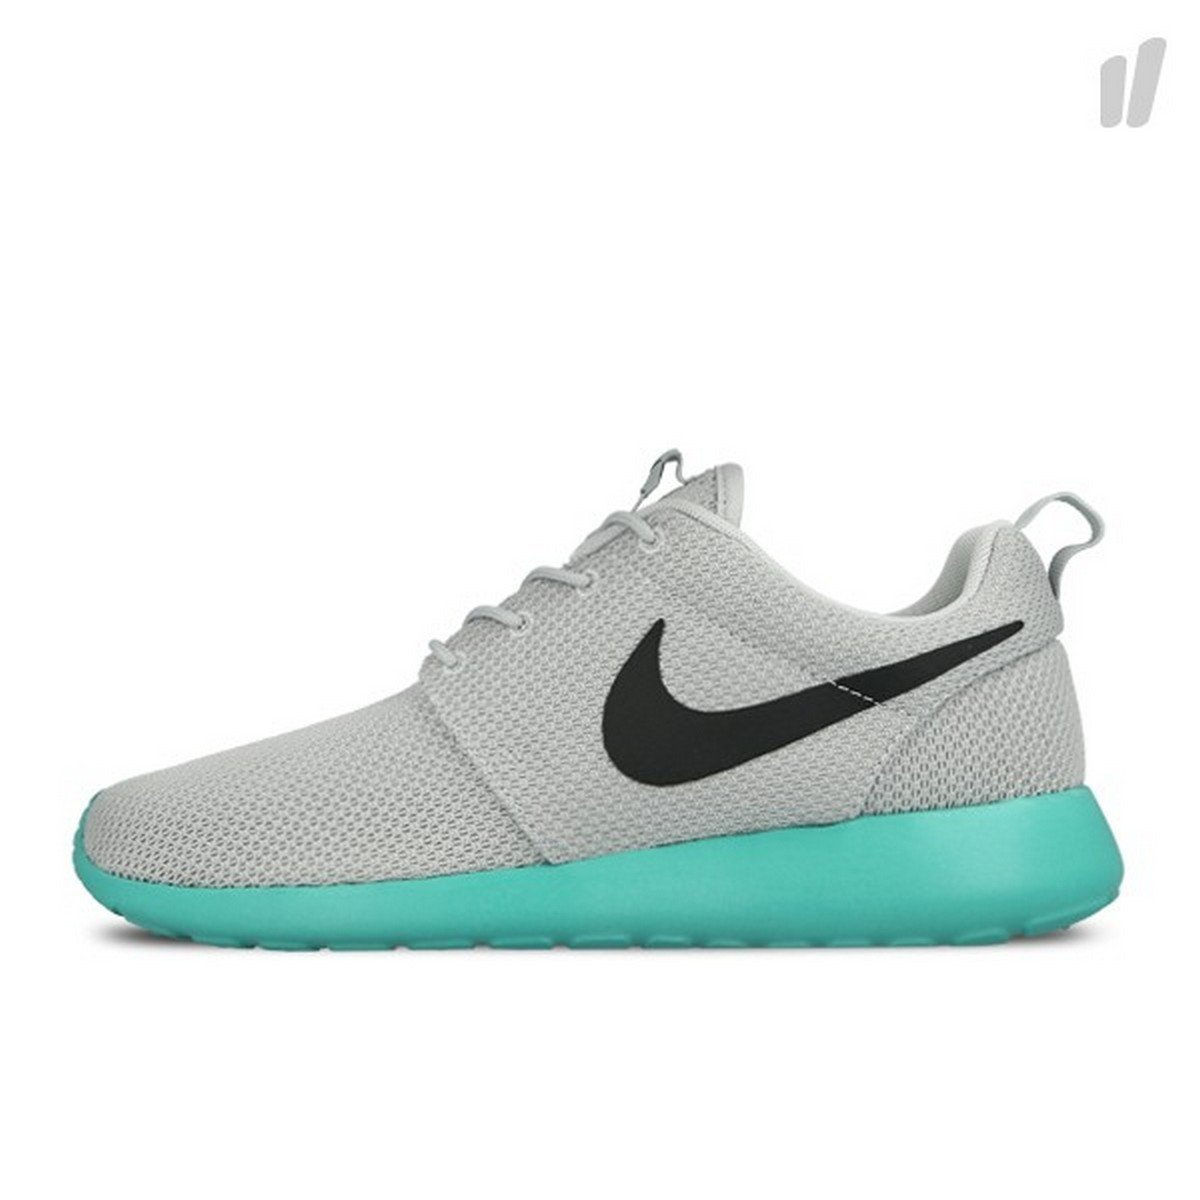 the best attitude 8a658 7873b NIKE Roshe Una QS Entrenadores Gris 633054 013, Size 38.5  Amazon.es   Zapatos y complementos